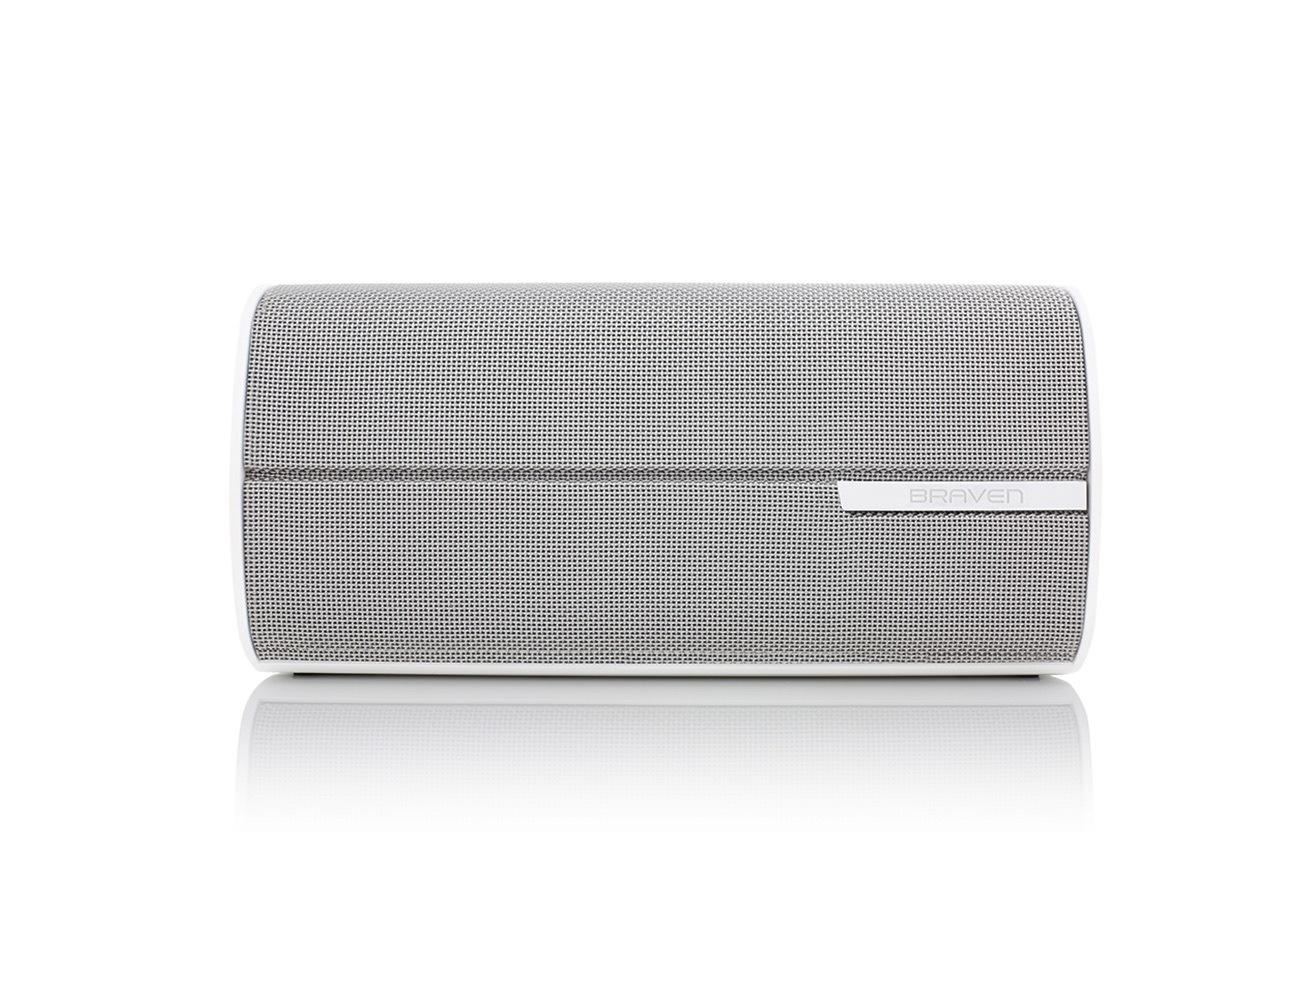 Braven 2200m Portable Speaker